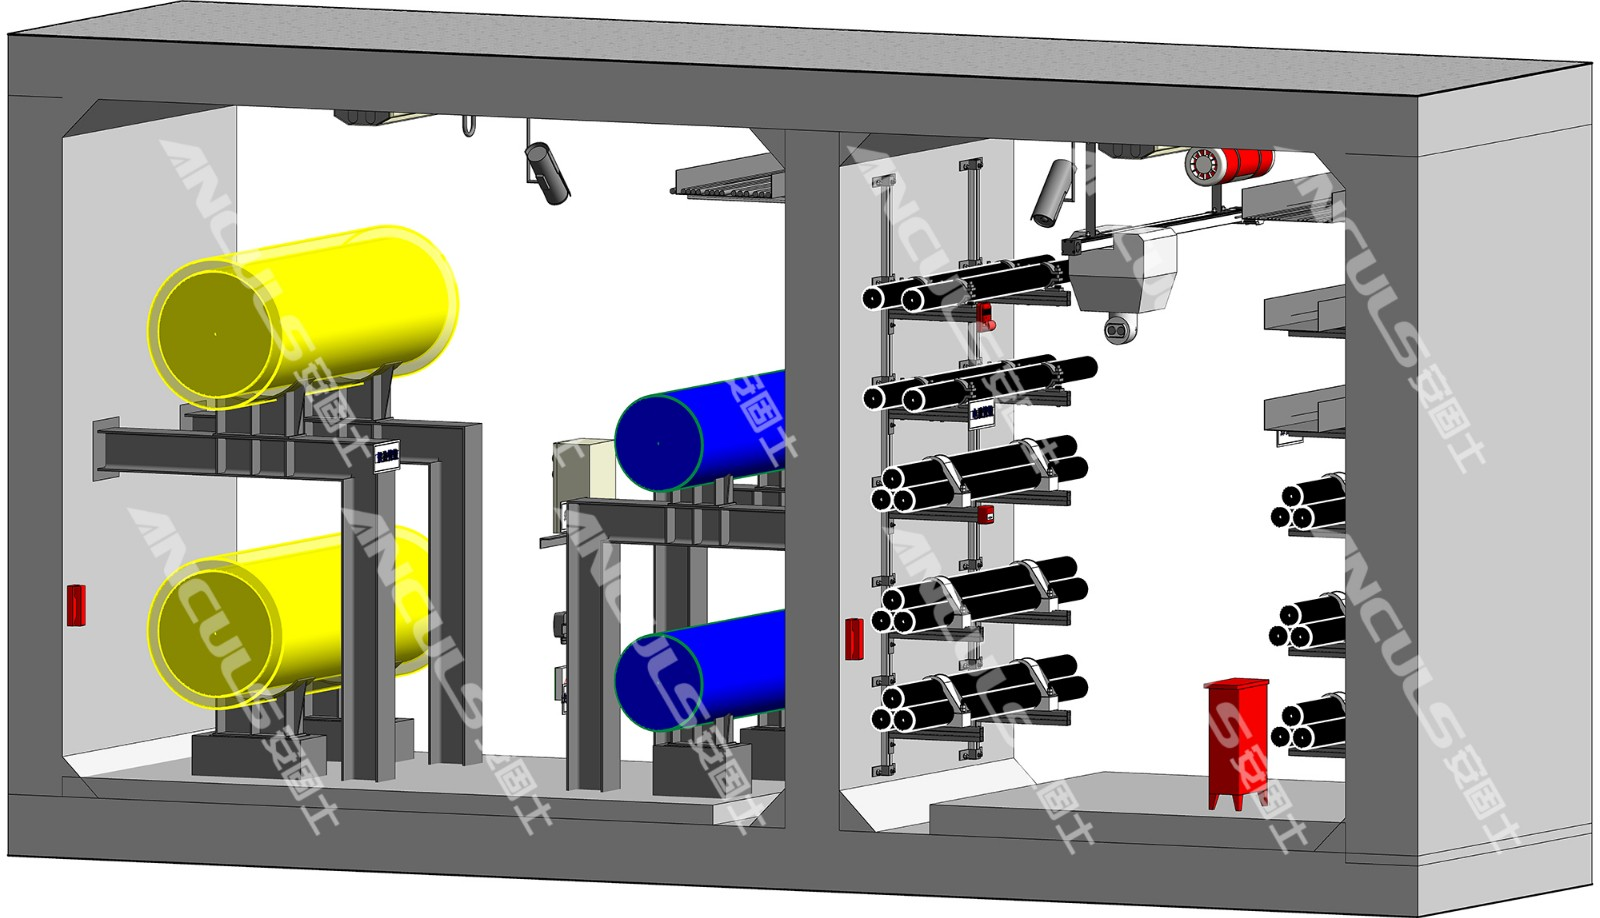 综合管廊支架系统